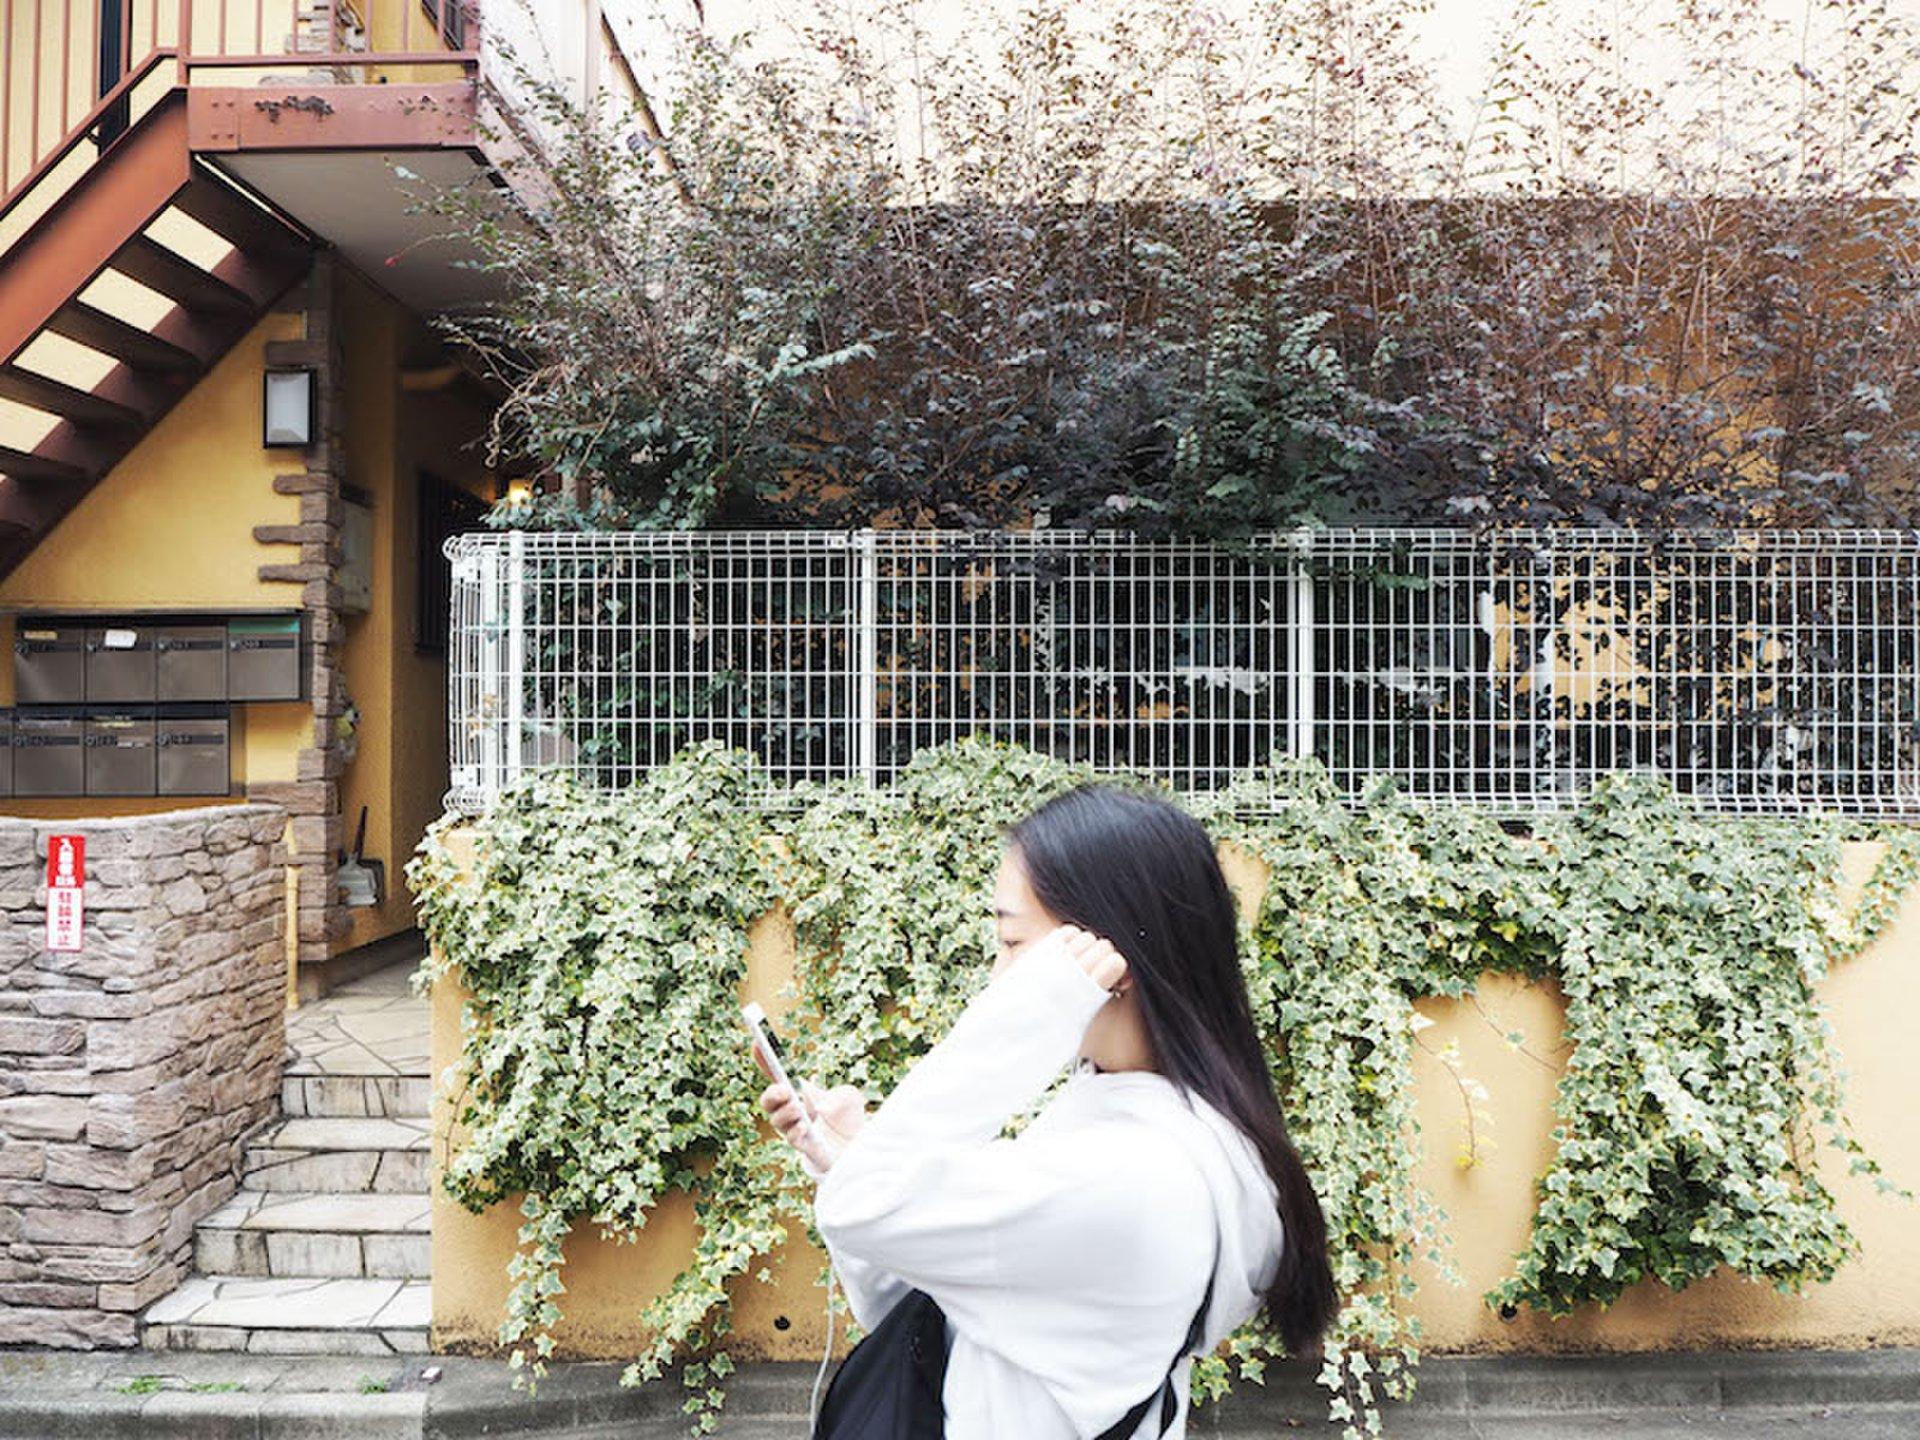 音楽と歩くシモキタ 古着屋にコーヒーショップ…これがヘッズ女子の歩き方